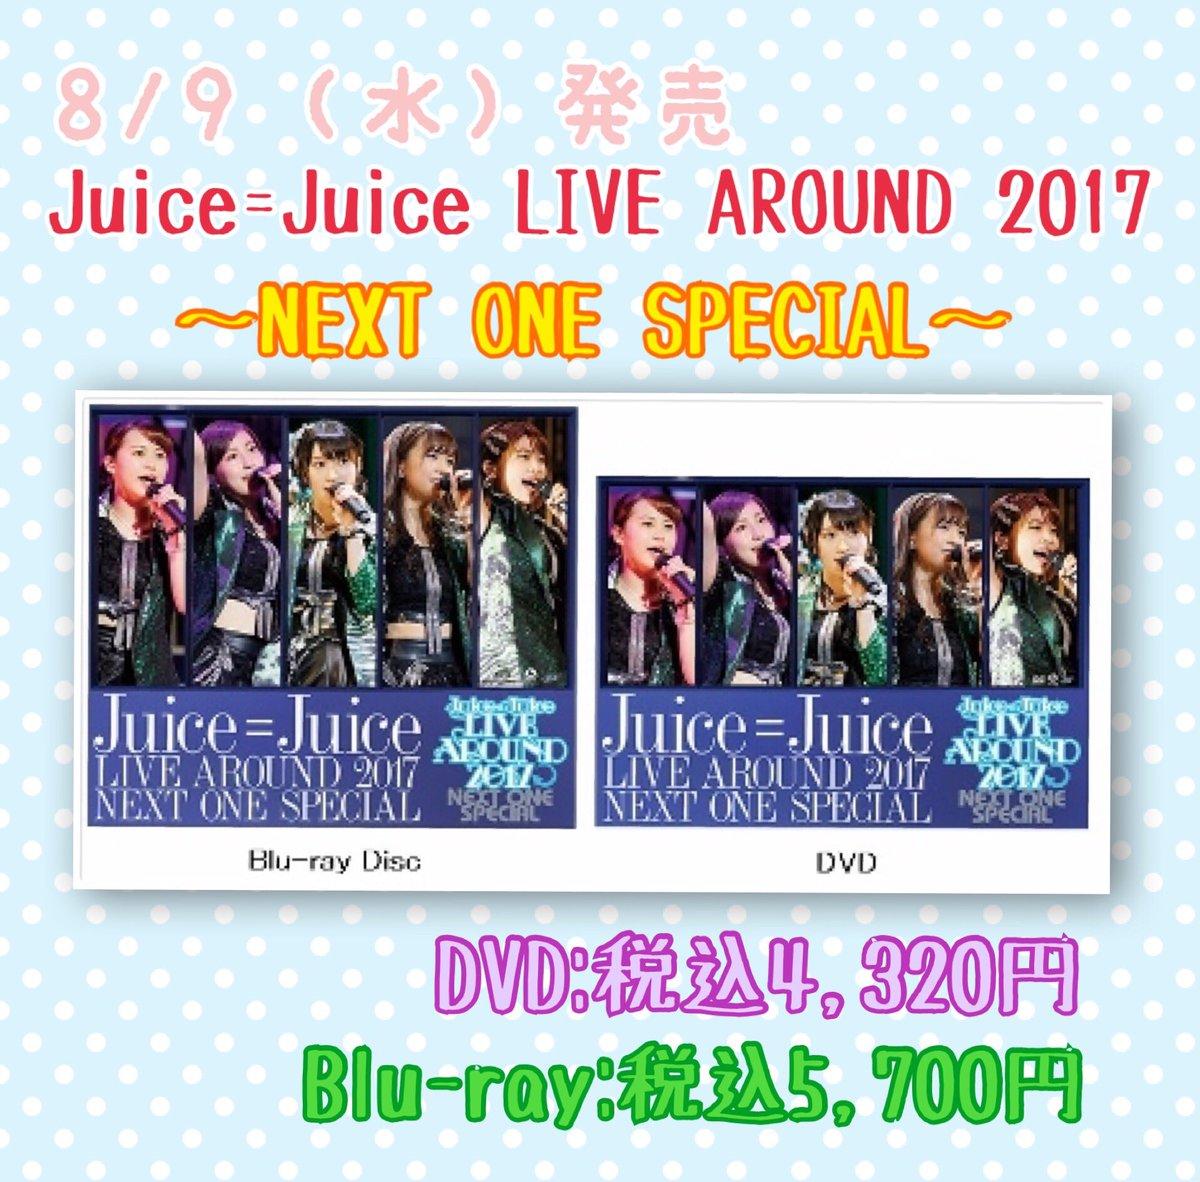 【第二章】Juice=Juice総合スレ Part.11【宮崎・金澤・高木・宮本・植村・梁川・段原】 YouTube動画>3本 ->画像>16枚